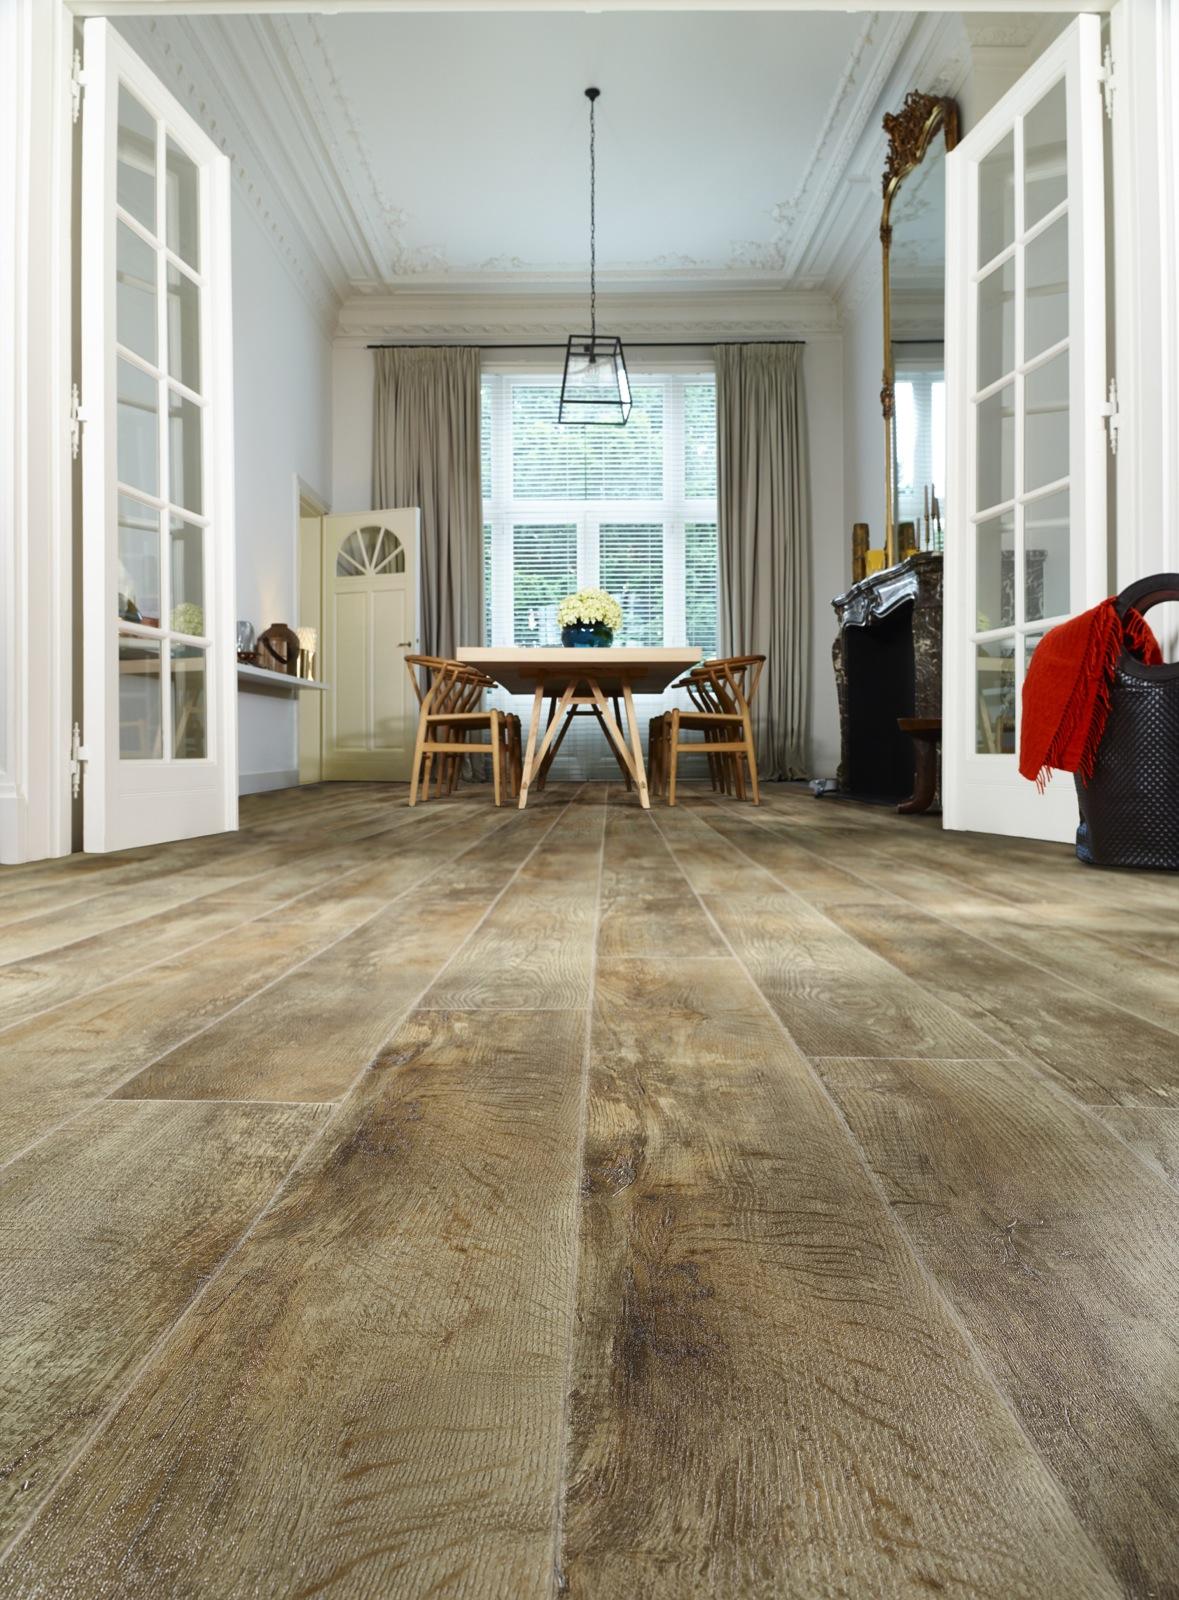 Onverwoestbare vinyl vloeren met prachtige houtlook   nieuws ...